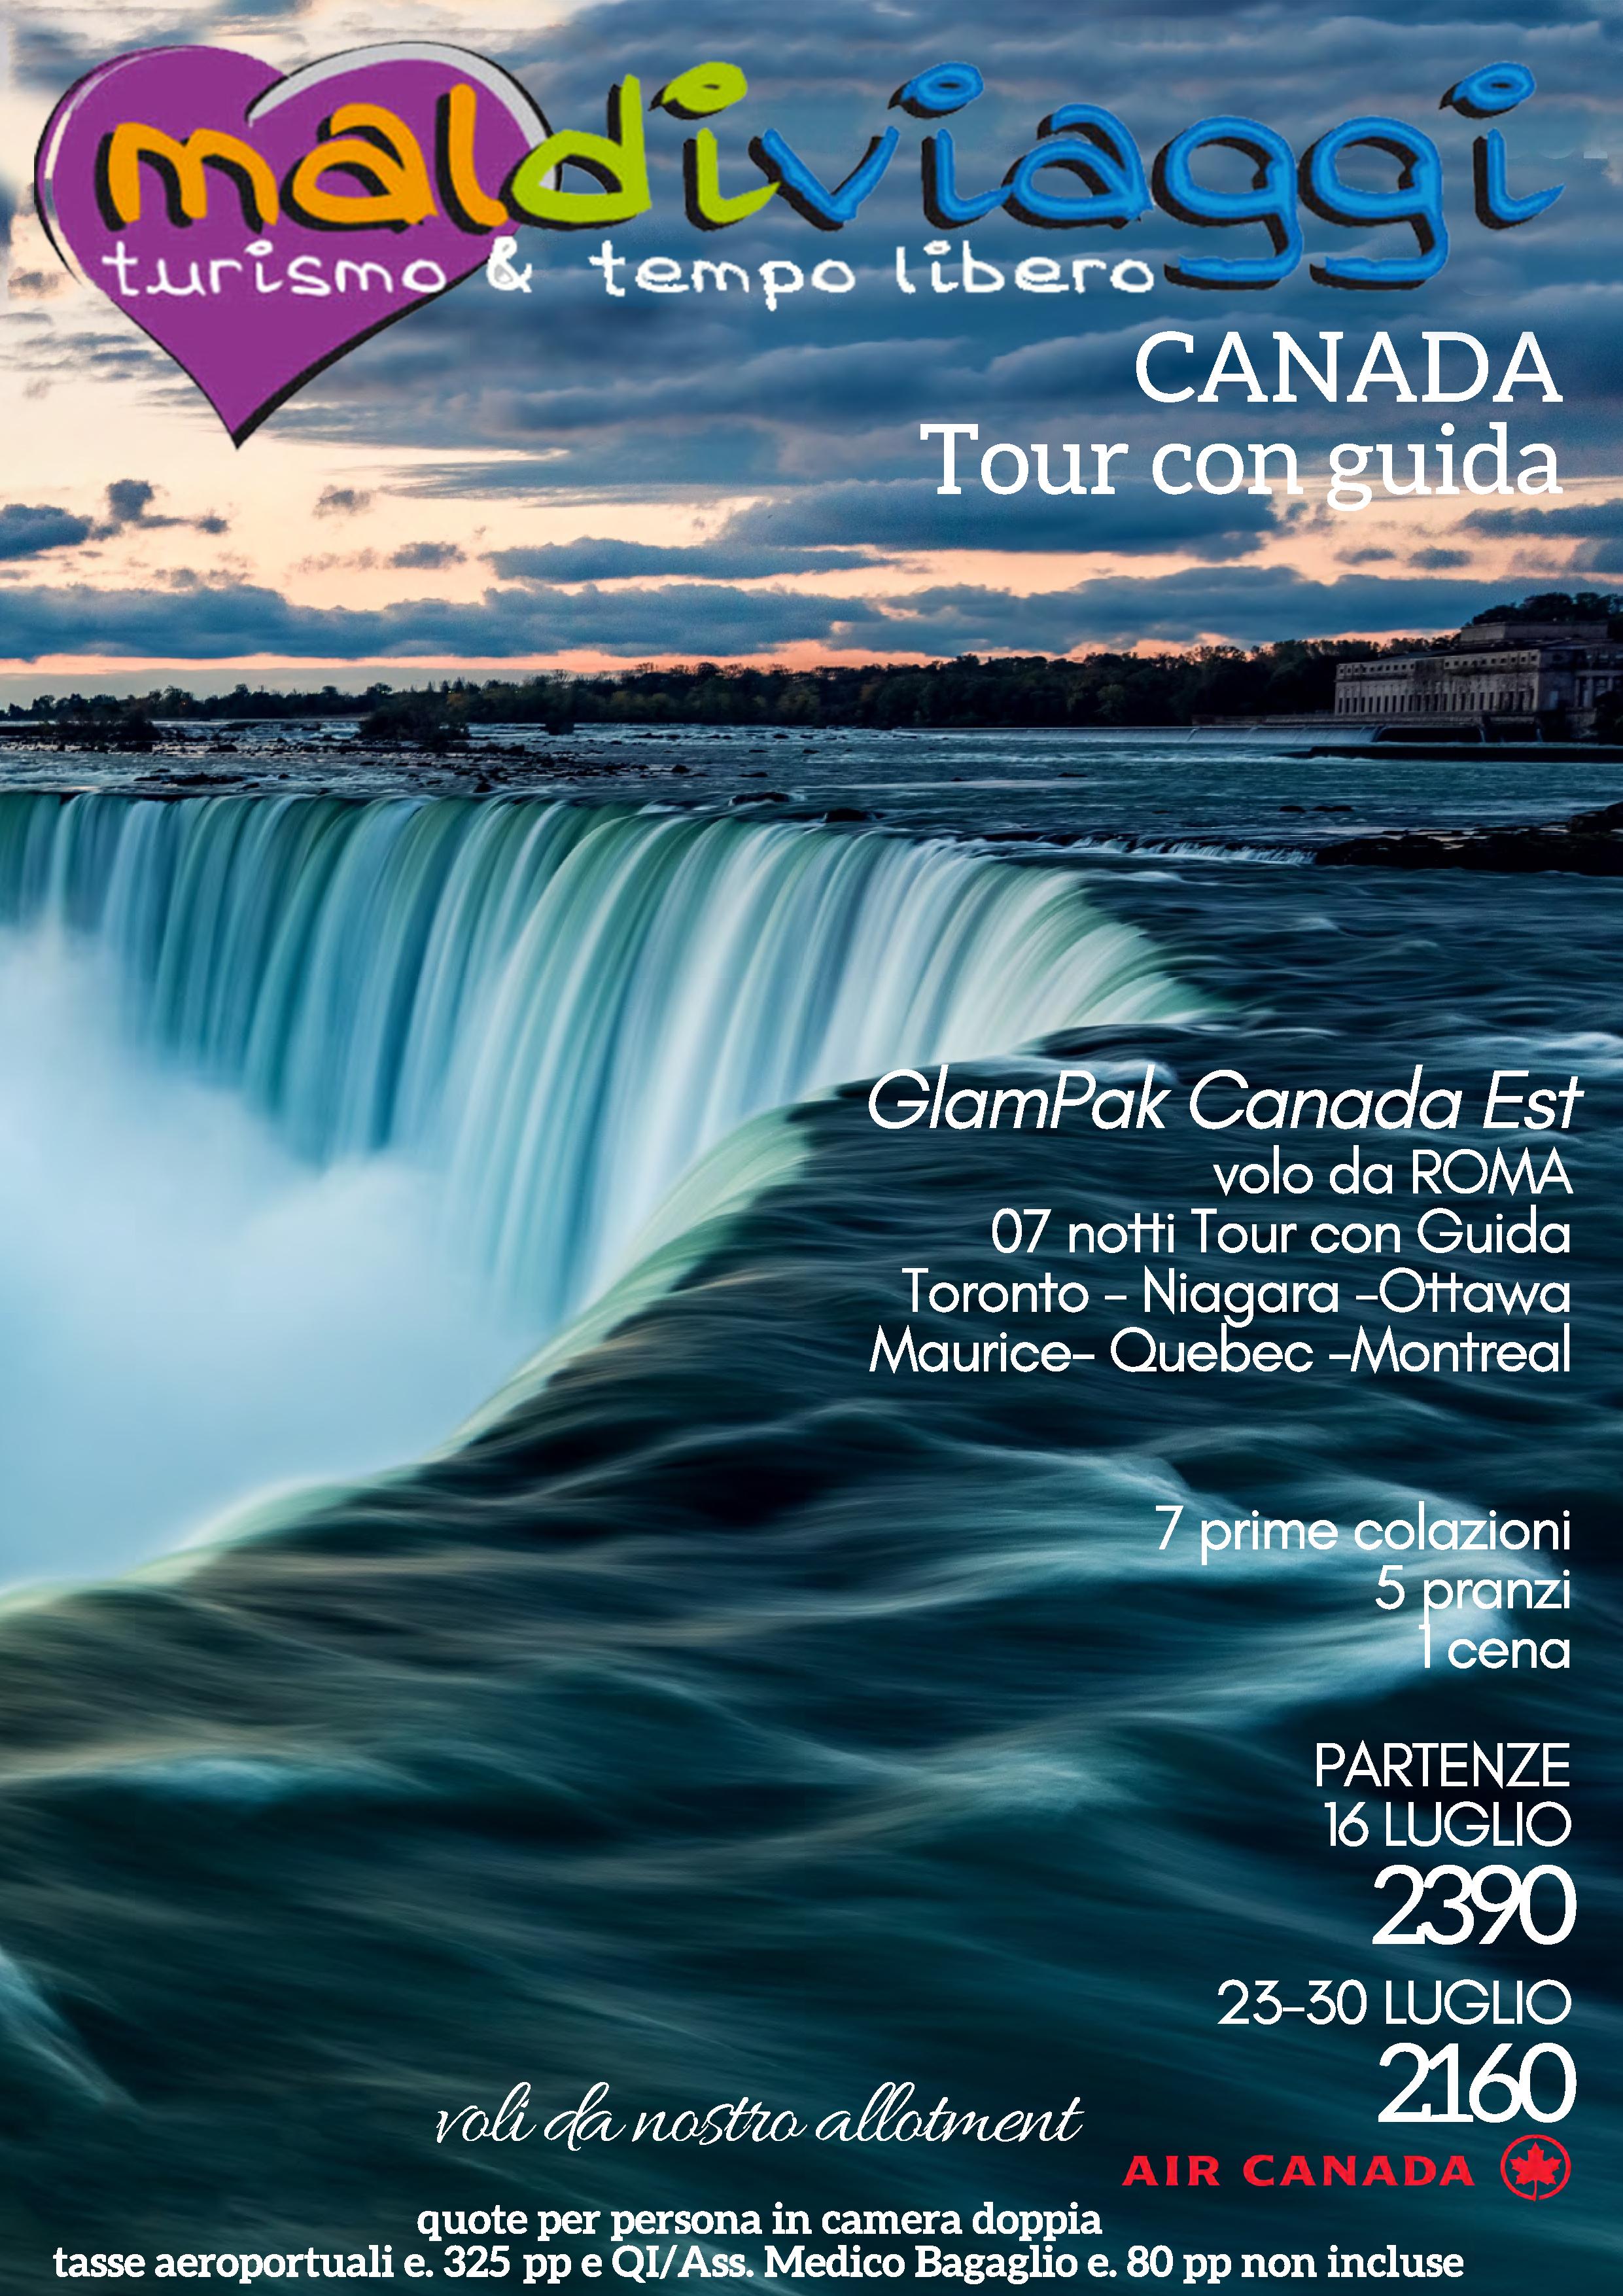 Canada Tour con Guida